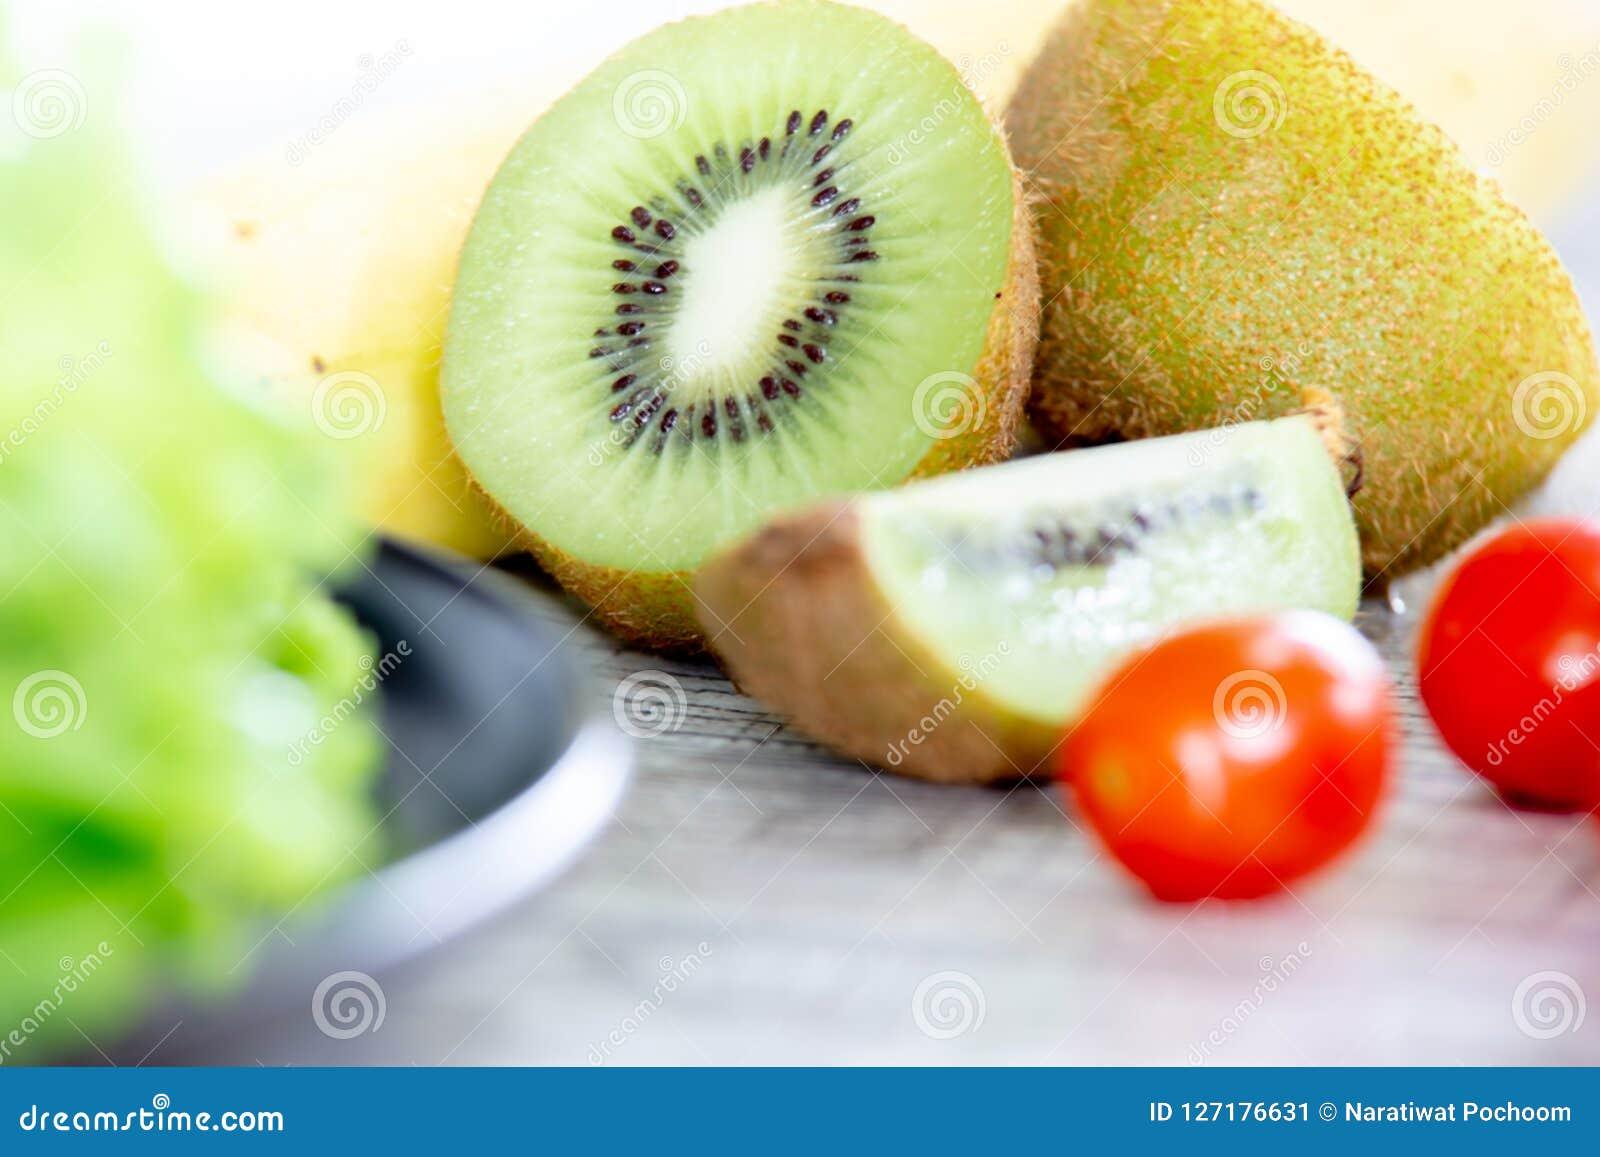 Gesundes und sauberes Lebensmittelmischungsobst und gemüse, Mischung der gesunden Ernährung des Frischgemüsesalats überstiegen au